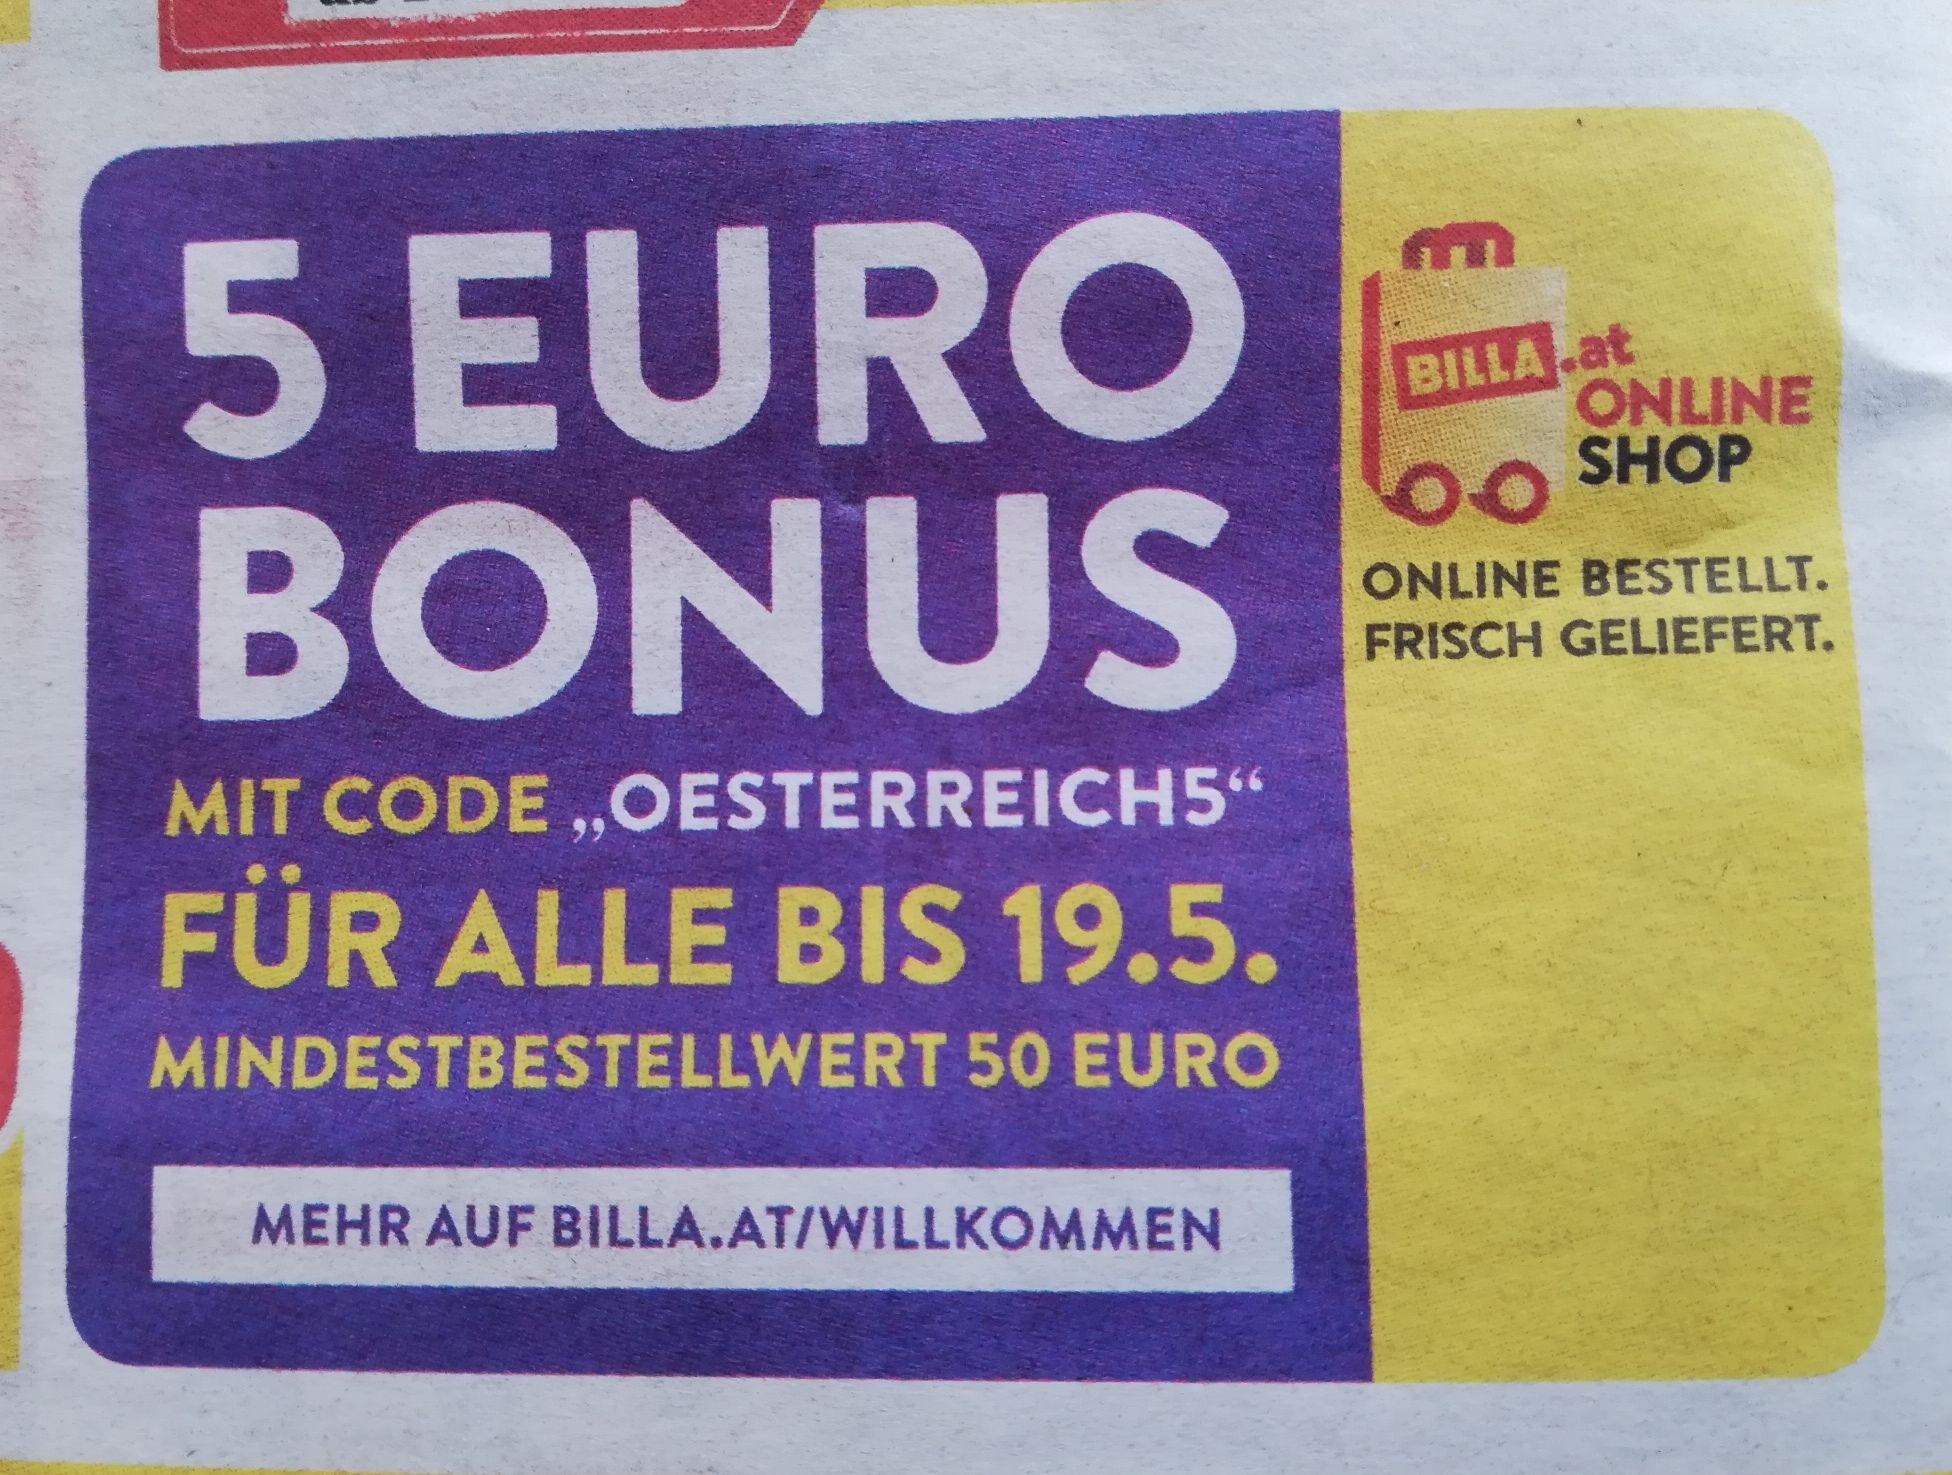 Billa Online Shop: 5€ Rabatt (MBW 50€)